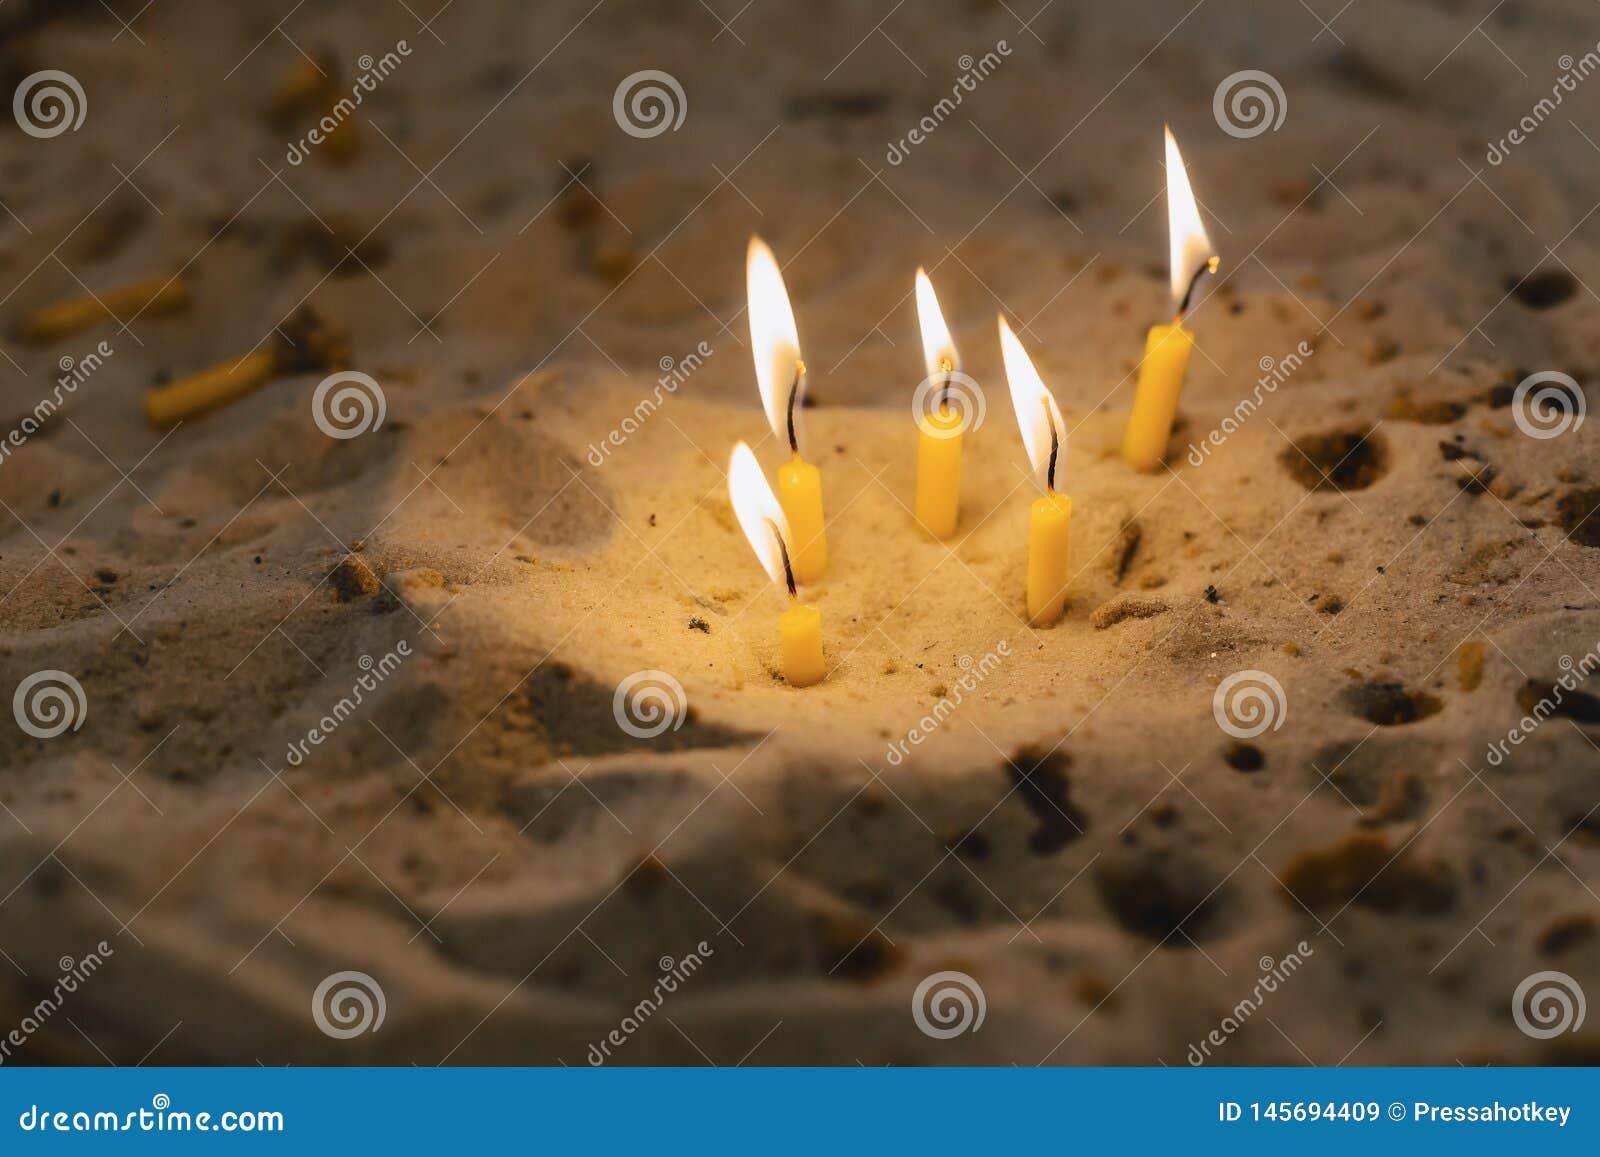 Bougies dans l ?glise dans le sable